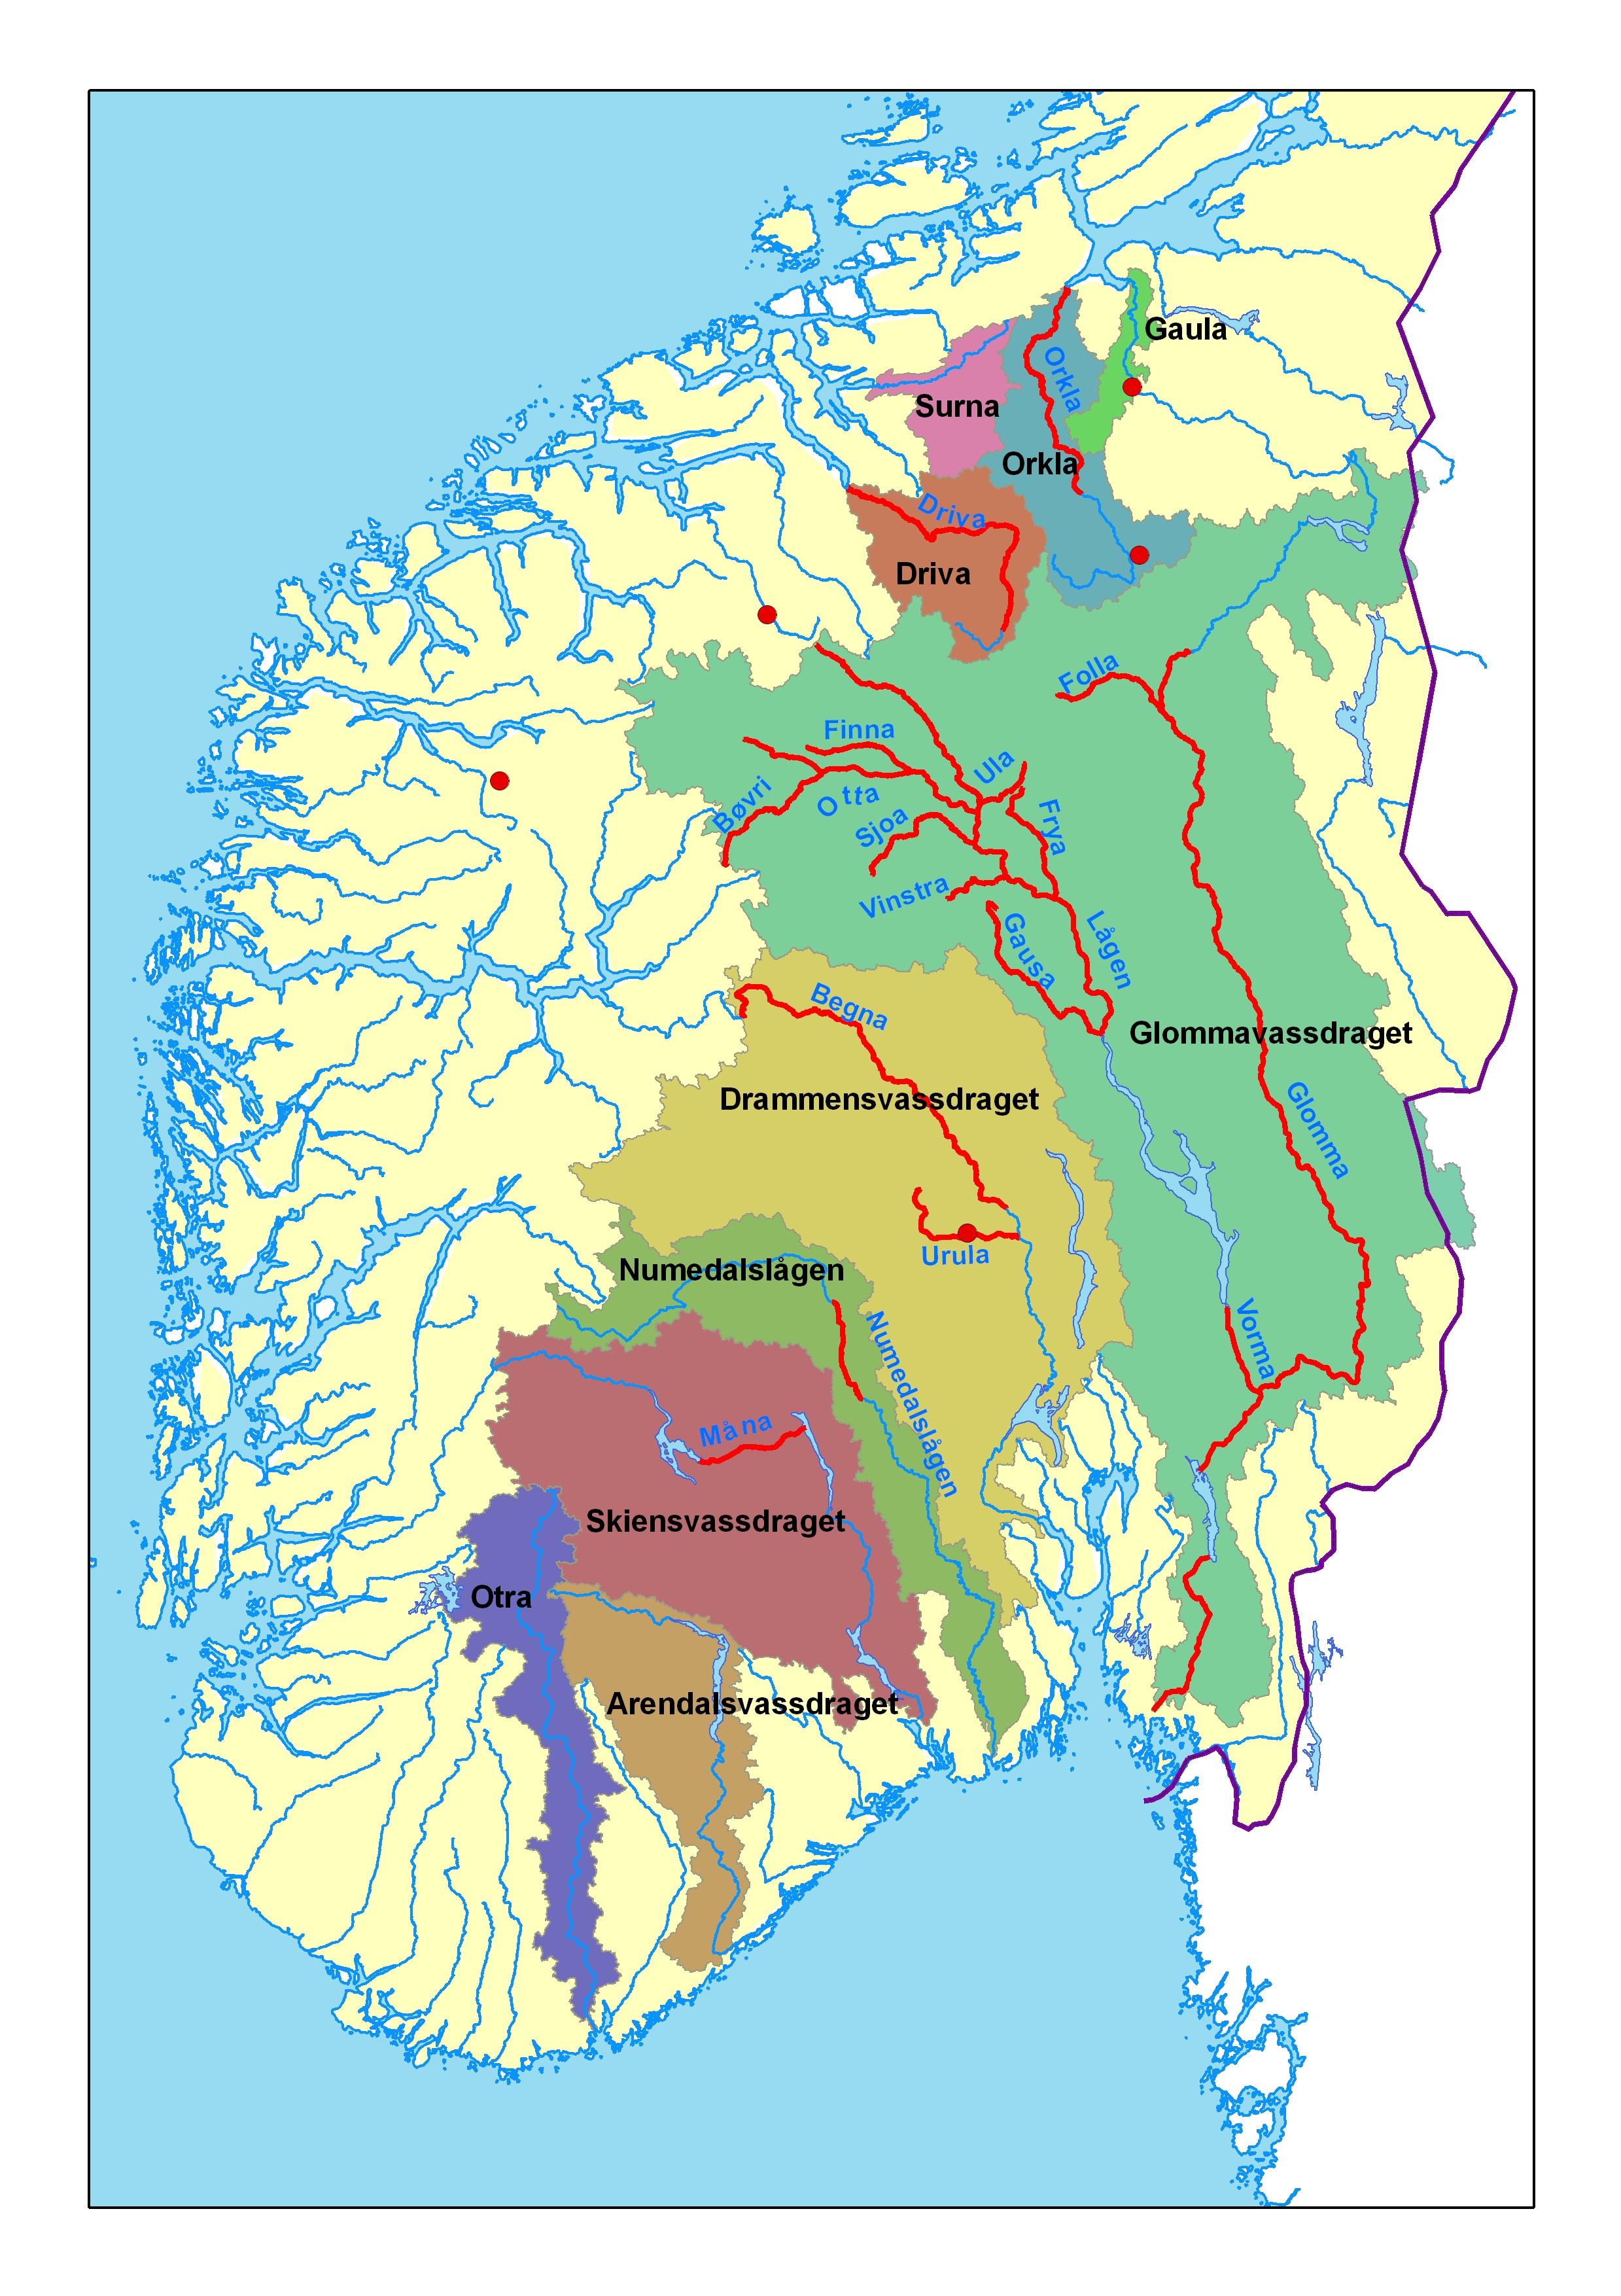 gudbrandsdalen kart 1789: Storofsen i Vågå   NVE gudbrandsdalen kart